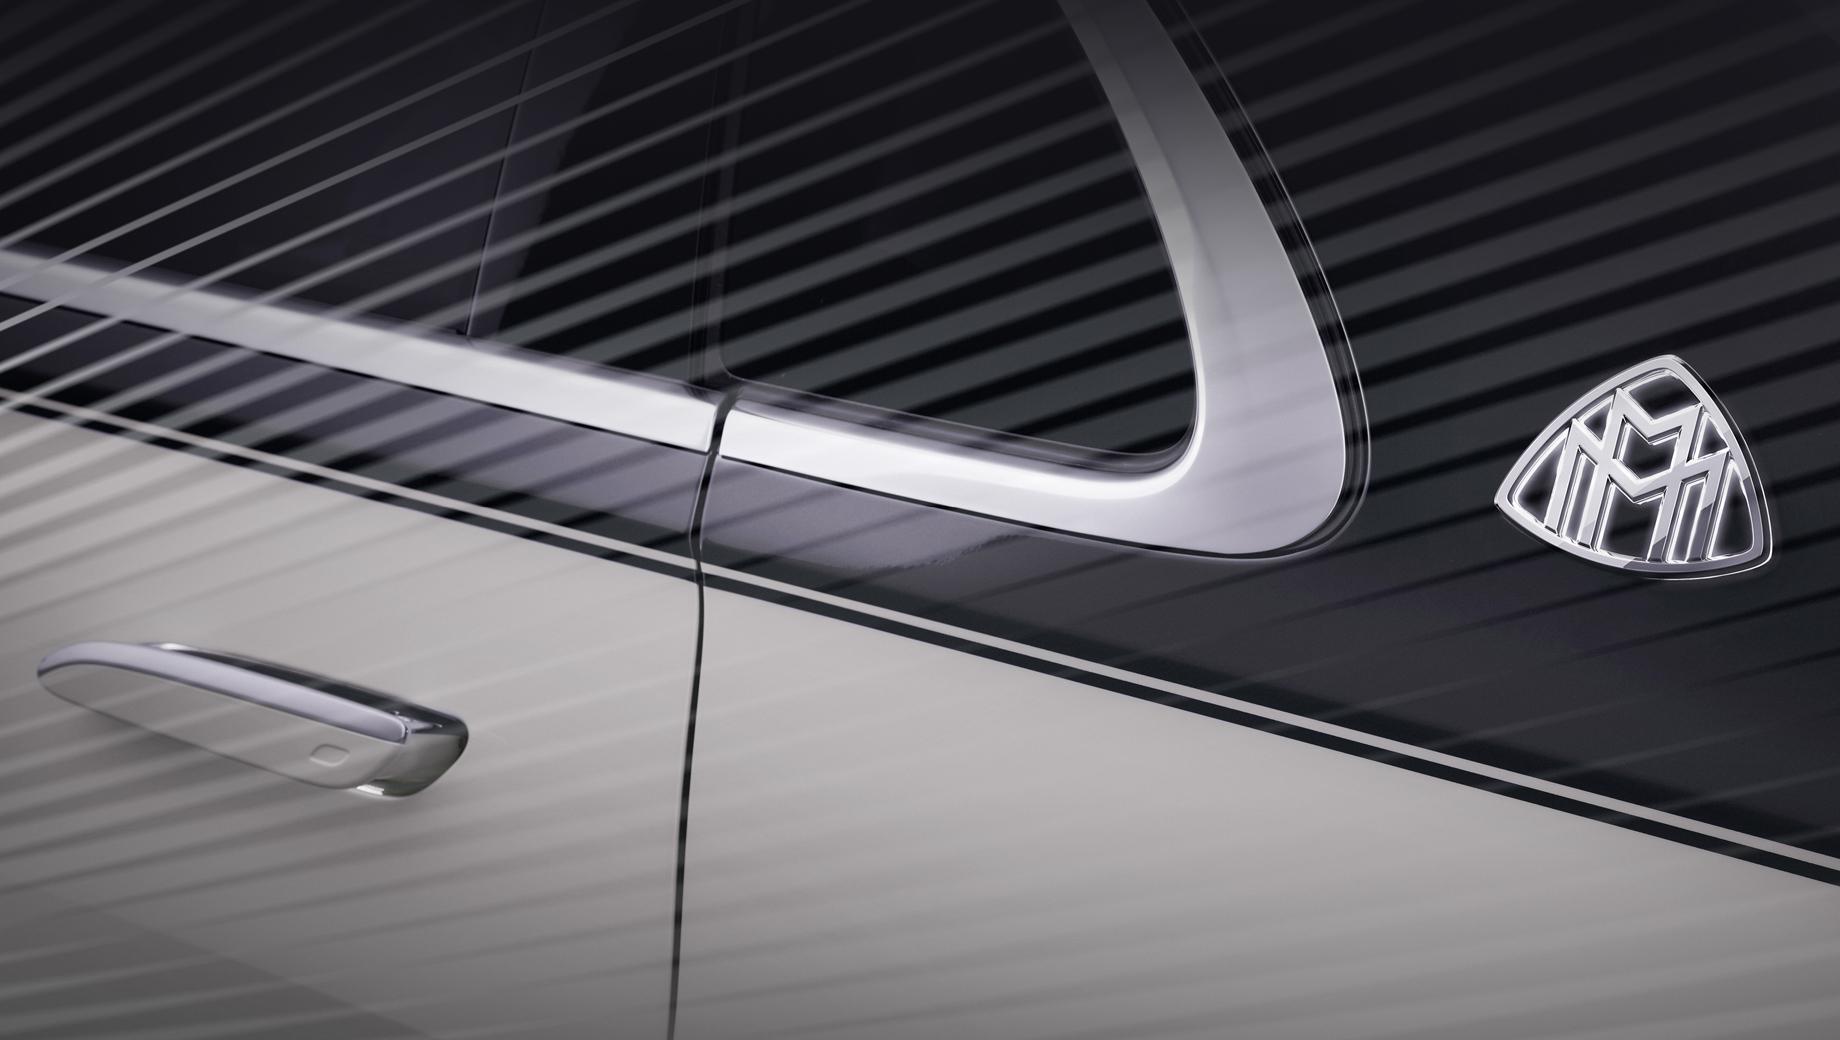 Mercedes s,Mercedes -maybach s. Как и подобает флагману, автомобиль покажет, что такое «изощрённая роскошь». Крупные панели из дерева (спинки передних кресел, пространство между задними пассажирами) обещаны внутри, а снаружи — узнаваемая двухцветная окраска (но это опция).